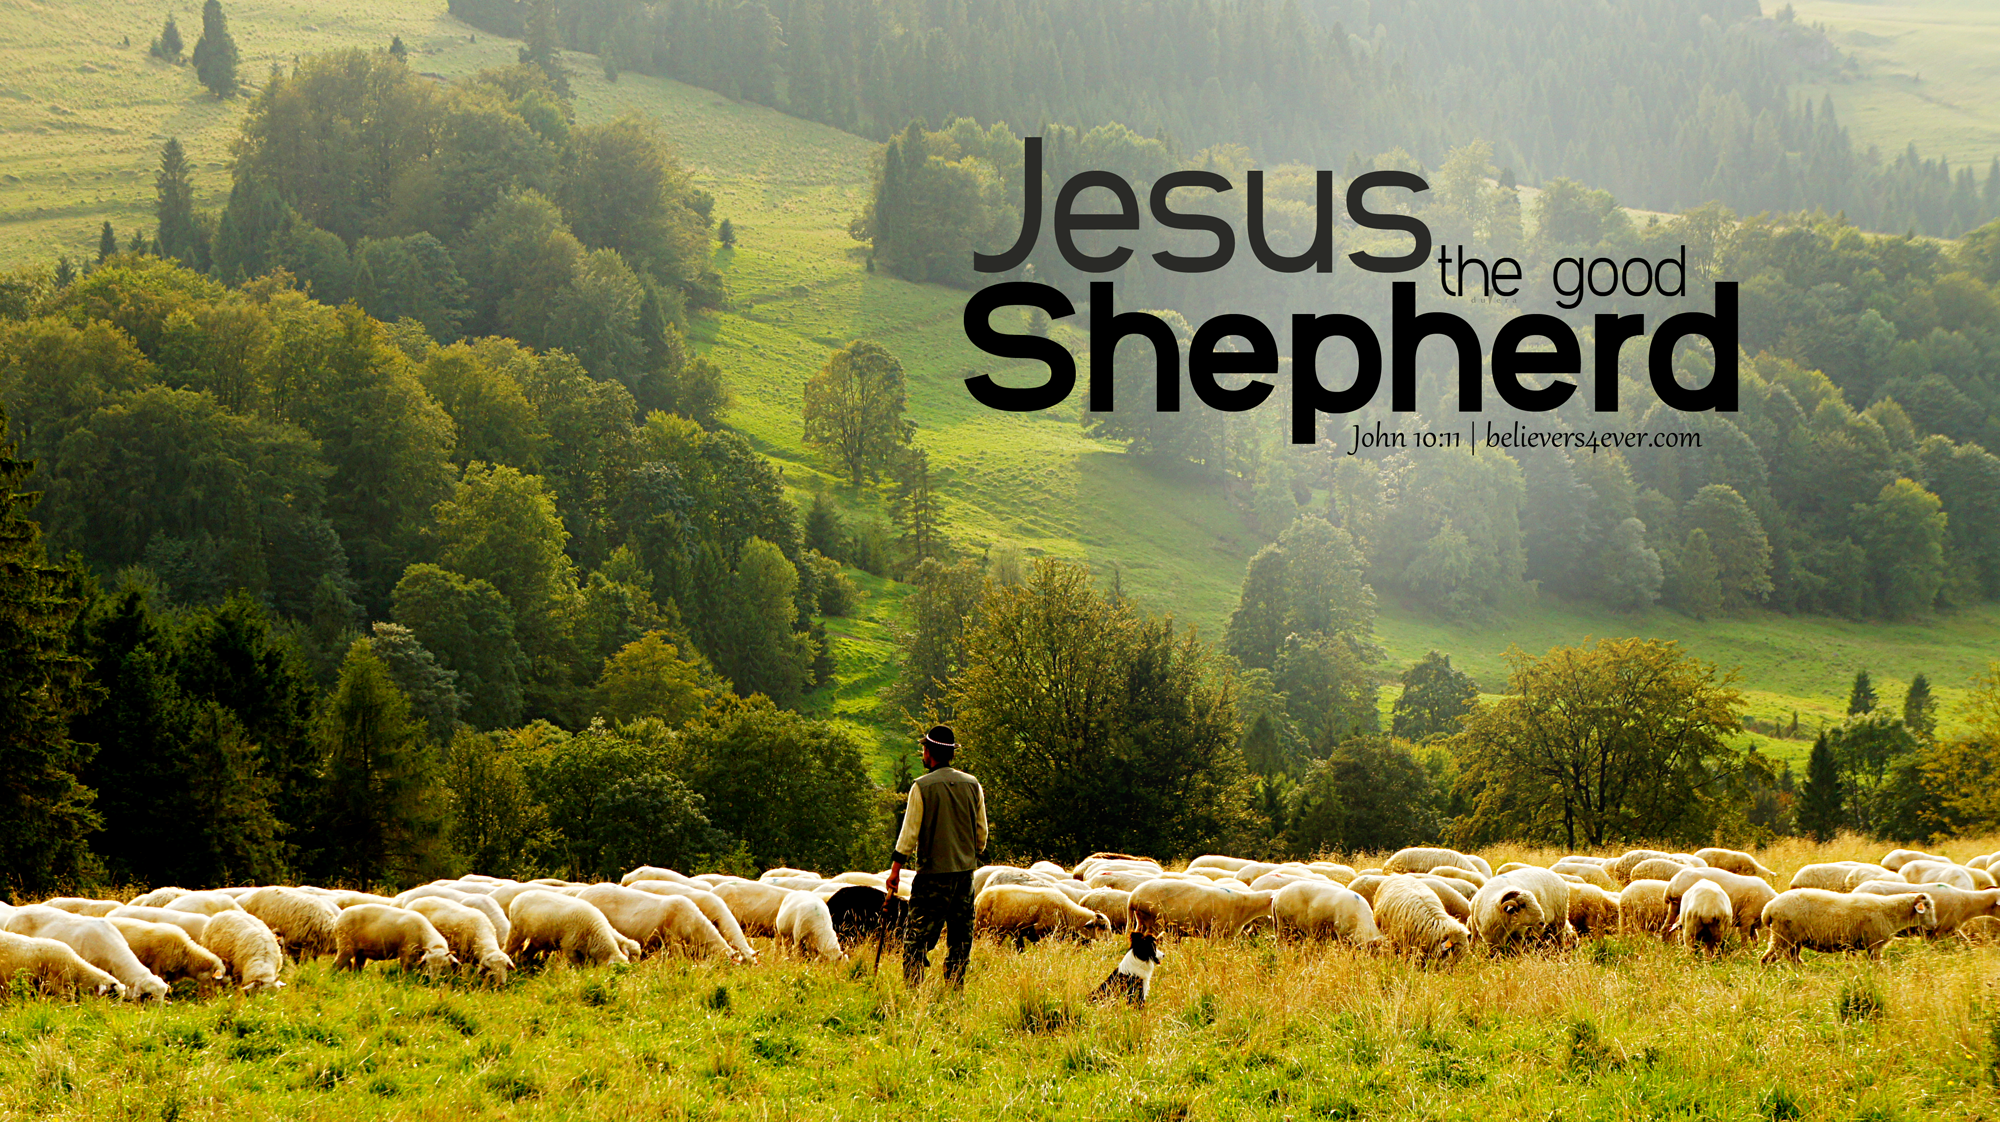 Jesus the good shepherd wallpaper, Christian stock images